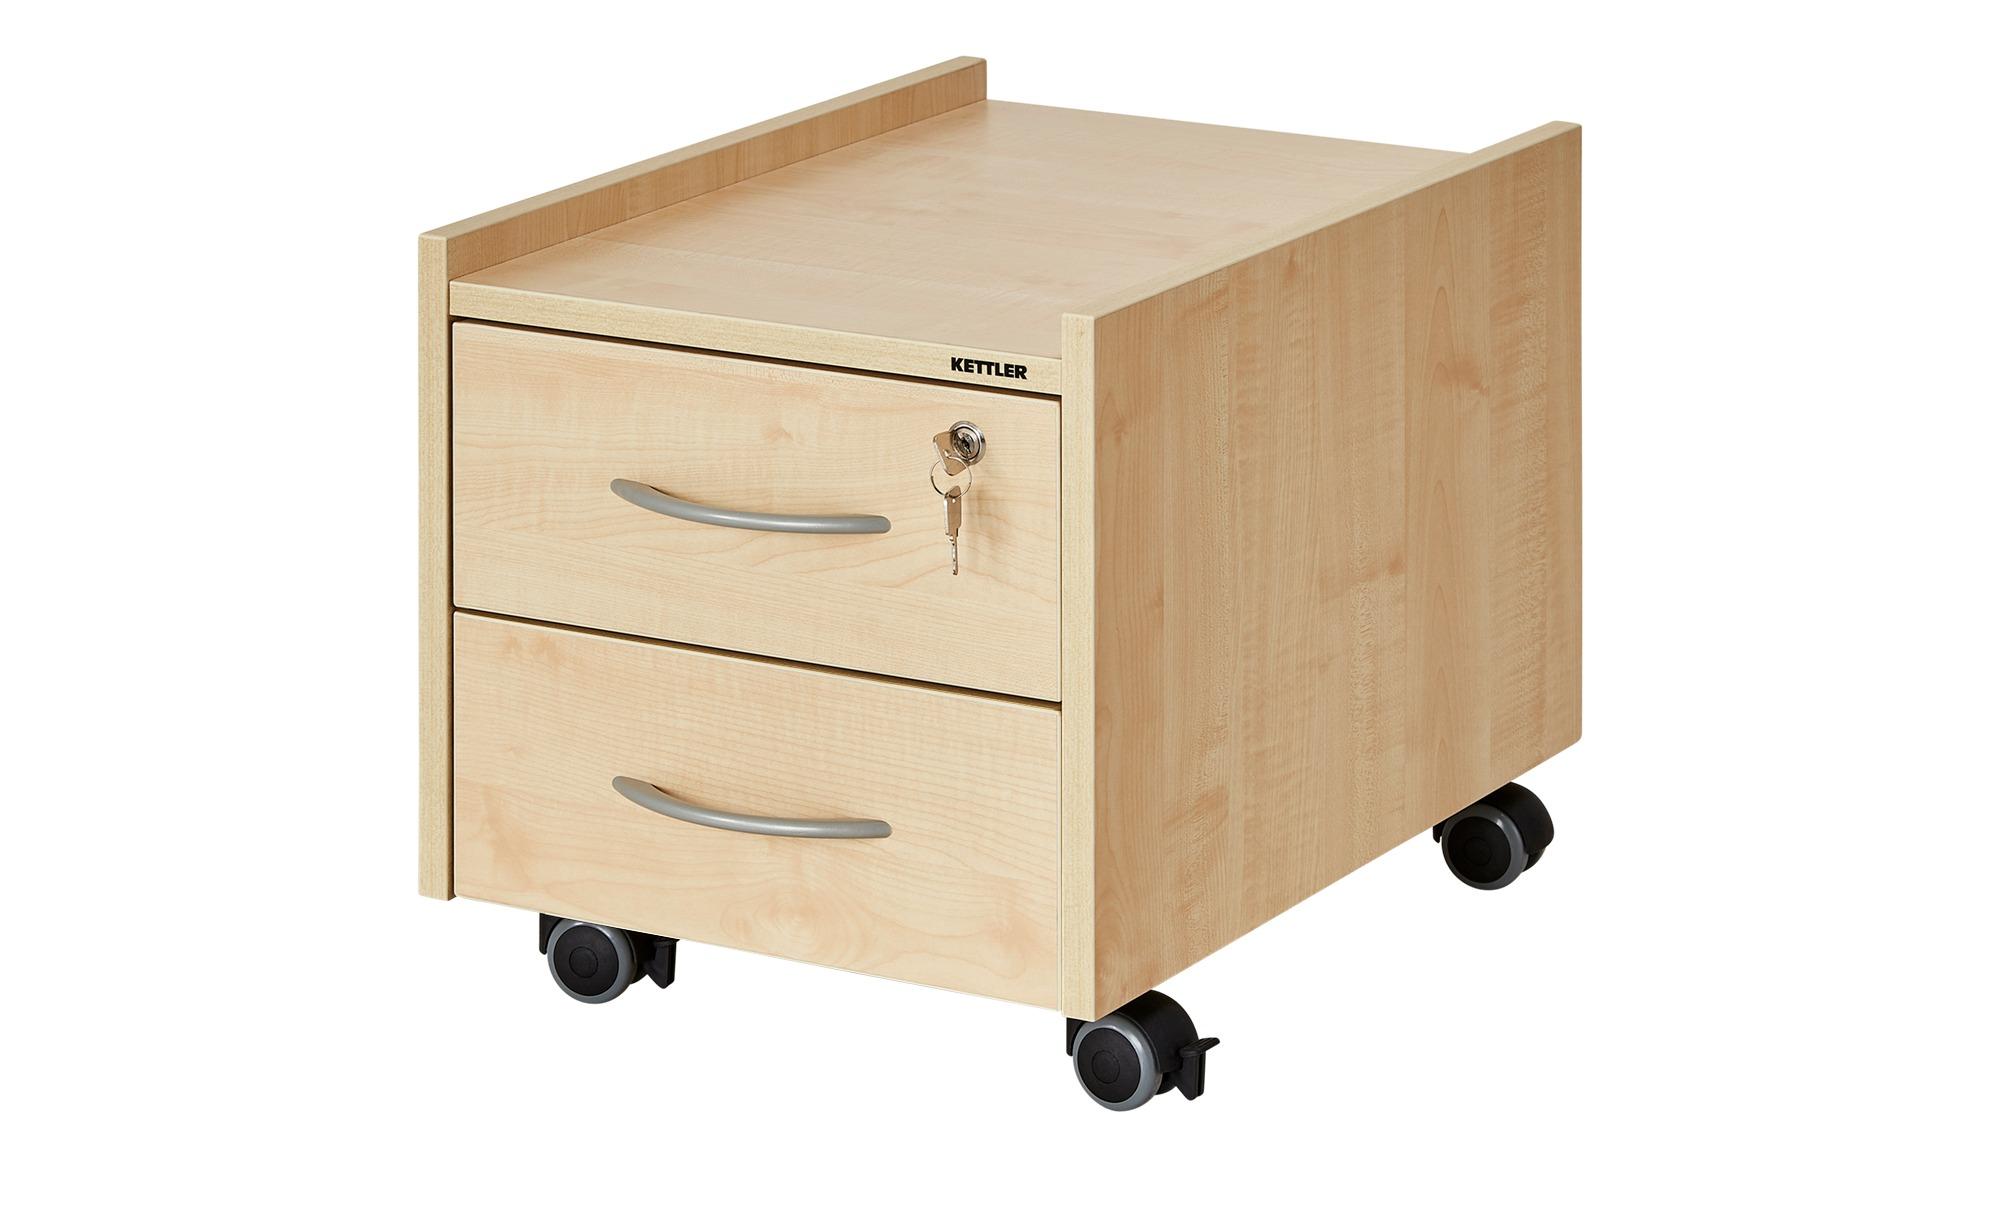 KETTLER Rollcontainer  Sit on Locked - holzfarben - 42 cm - 43 cm - 57 cm - Schränke > Rollcontainer - Möbel Kraft | Büro > Büroschränke > Rollcontainer | KETTLER